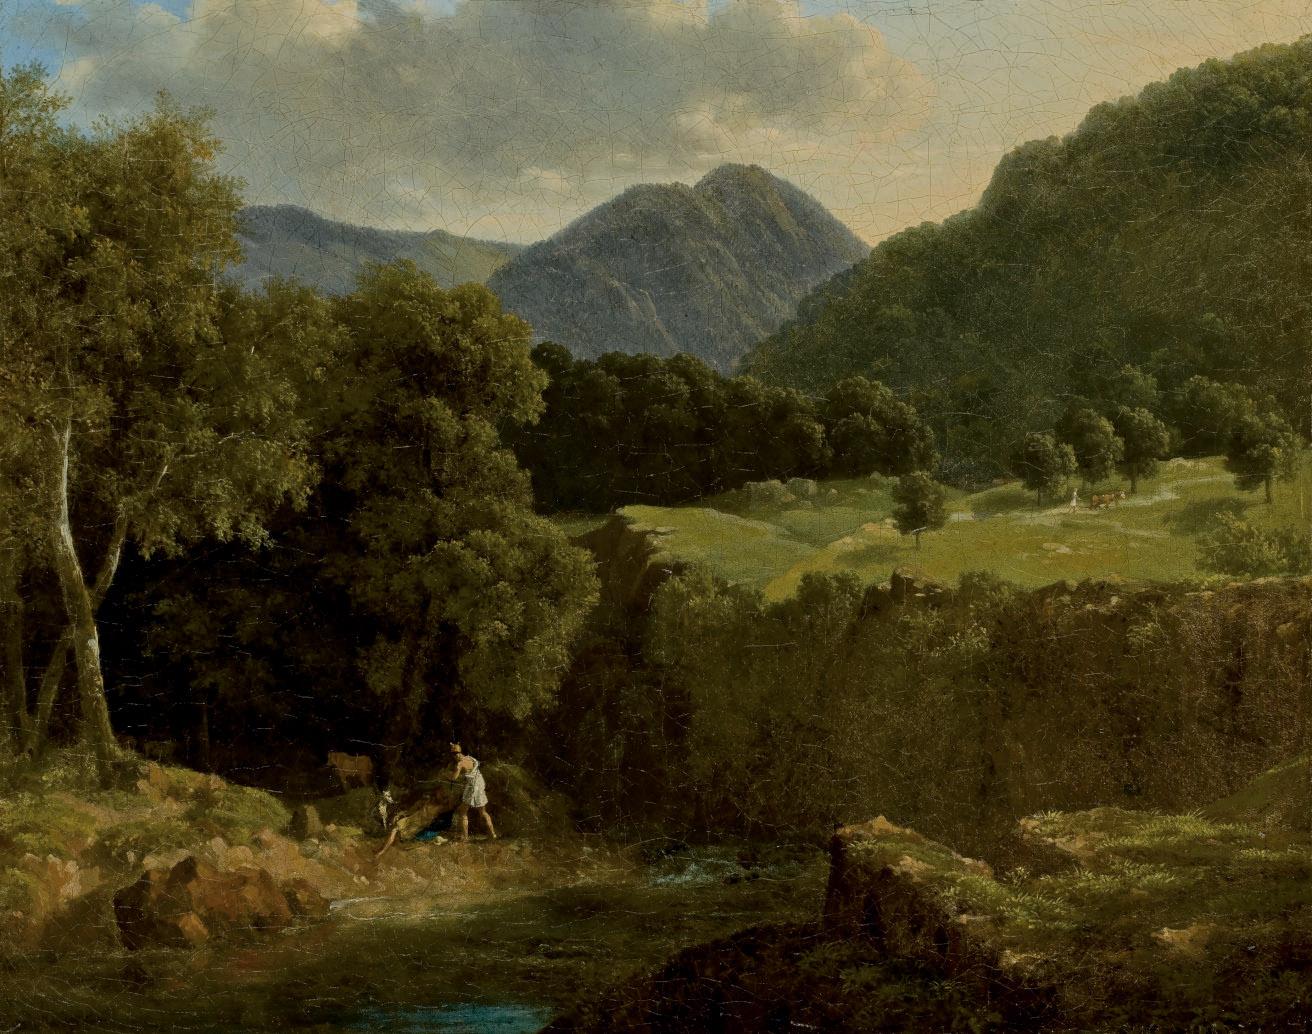 Psyché et Pan dans un paysage